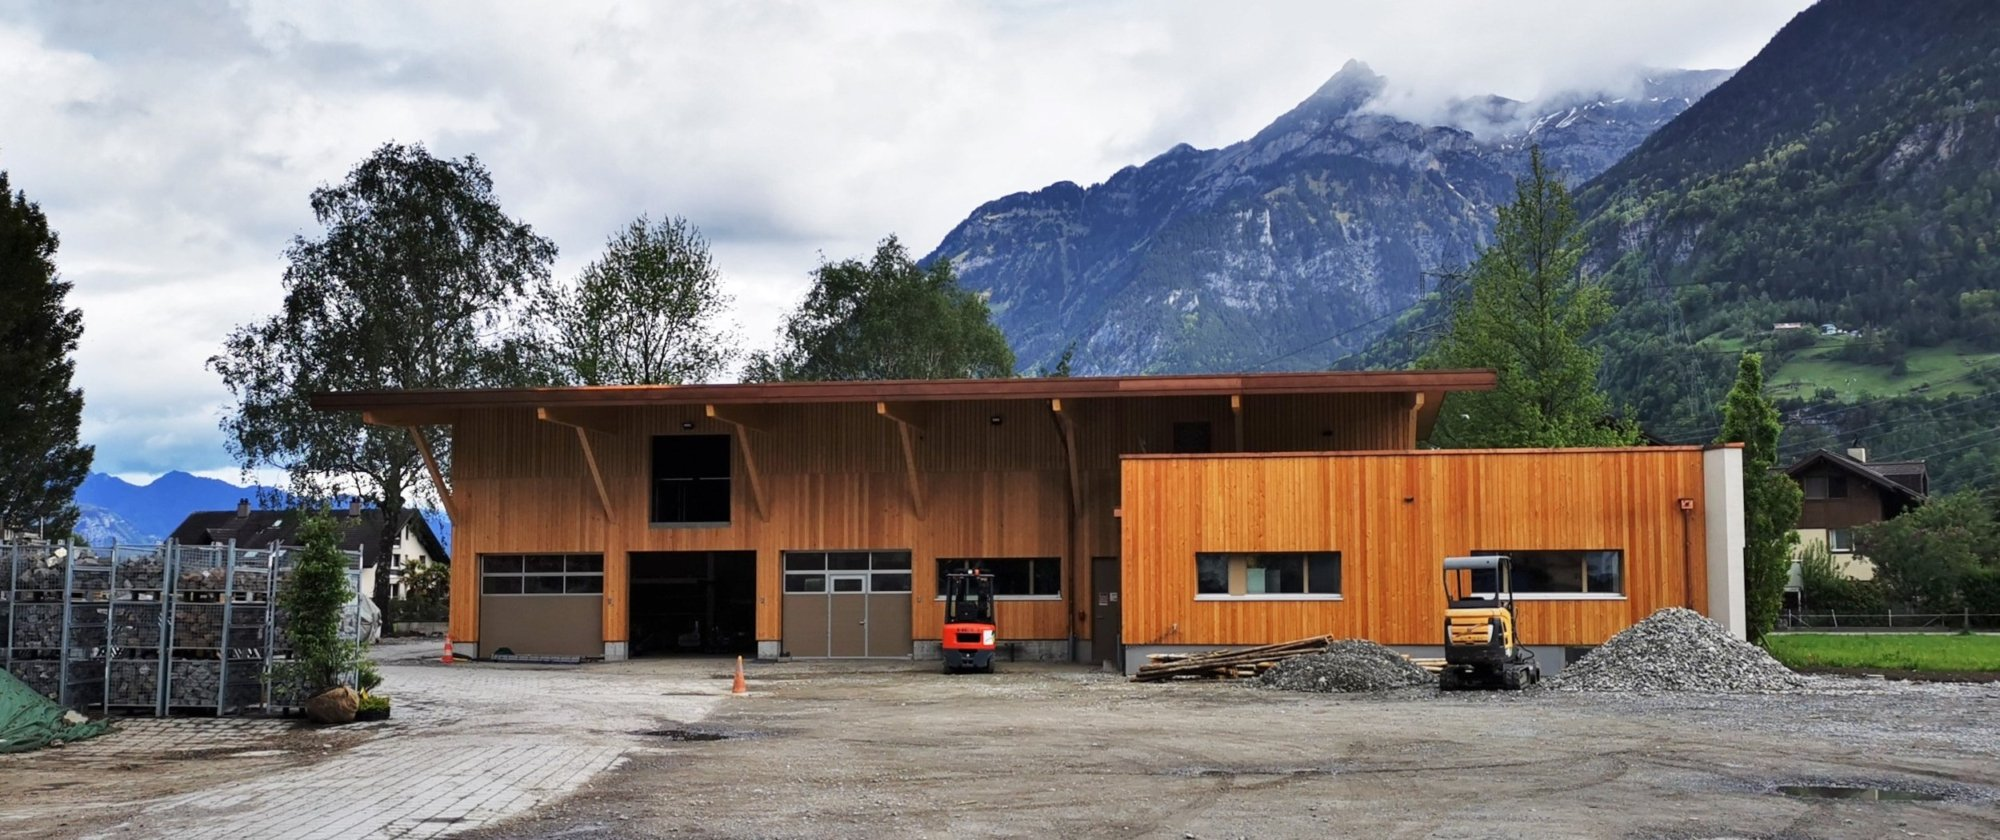 Ansicht an die Holzfassade des neuen Werkhofs